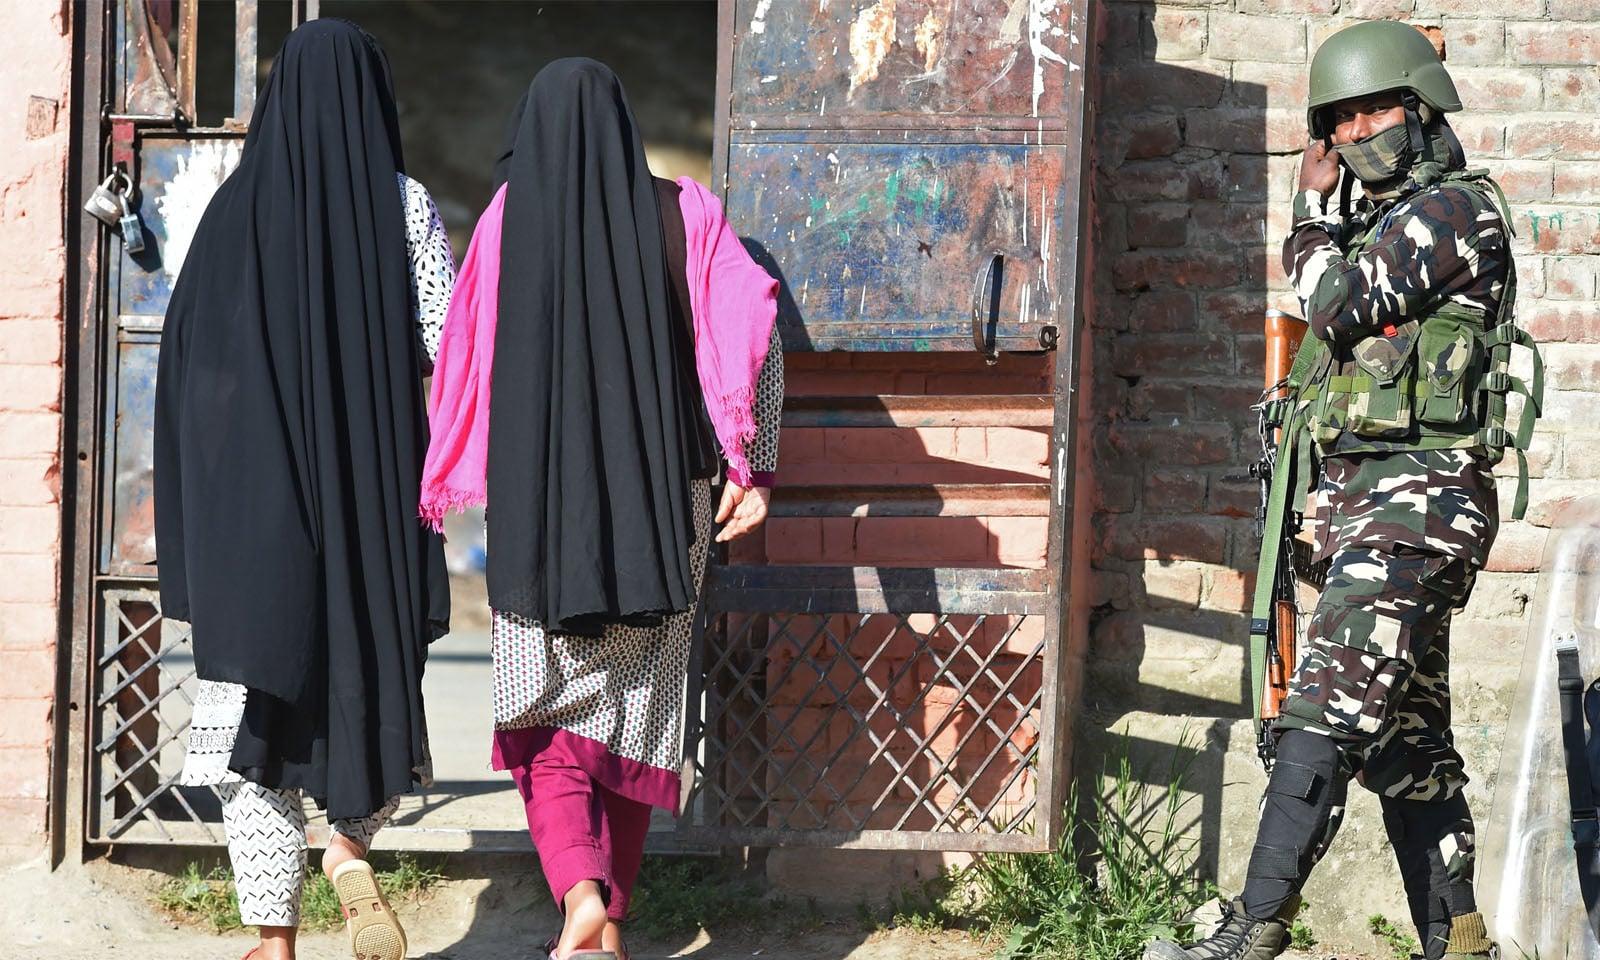 مقبوضہ کشمیر میں خواتین الیکشن آفس میں ووٹ ڈالنے کے لیے داخل ہو رہی ہیں—فوٹو/ اے پی